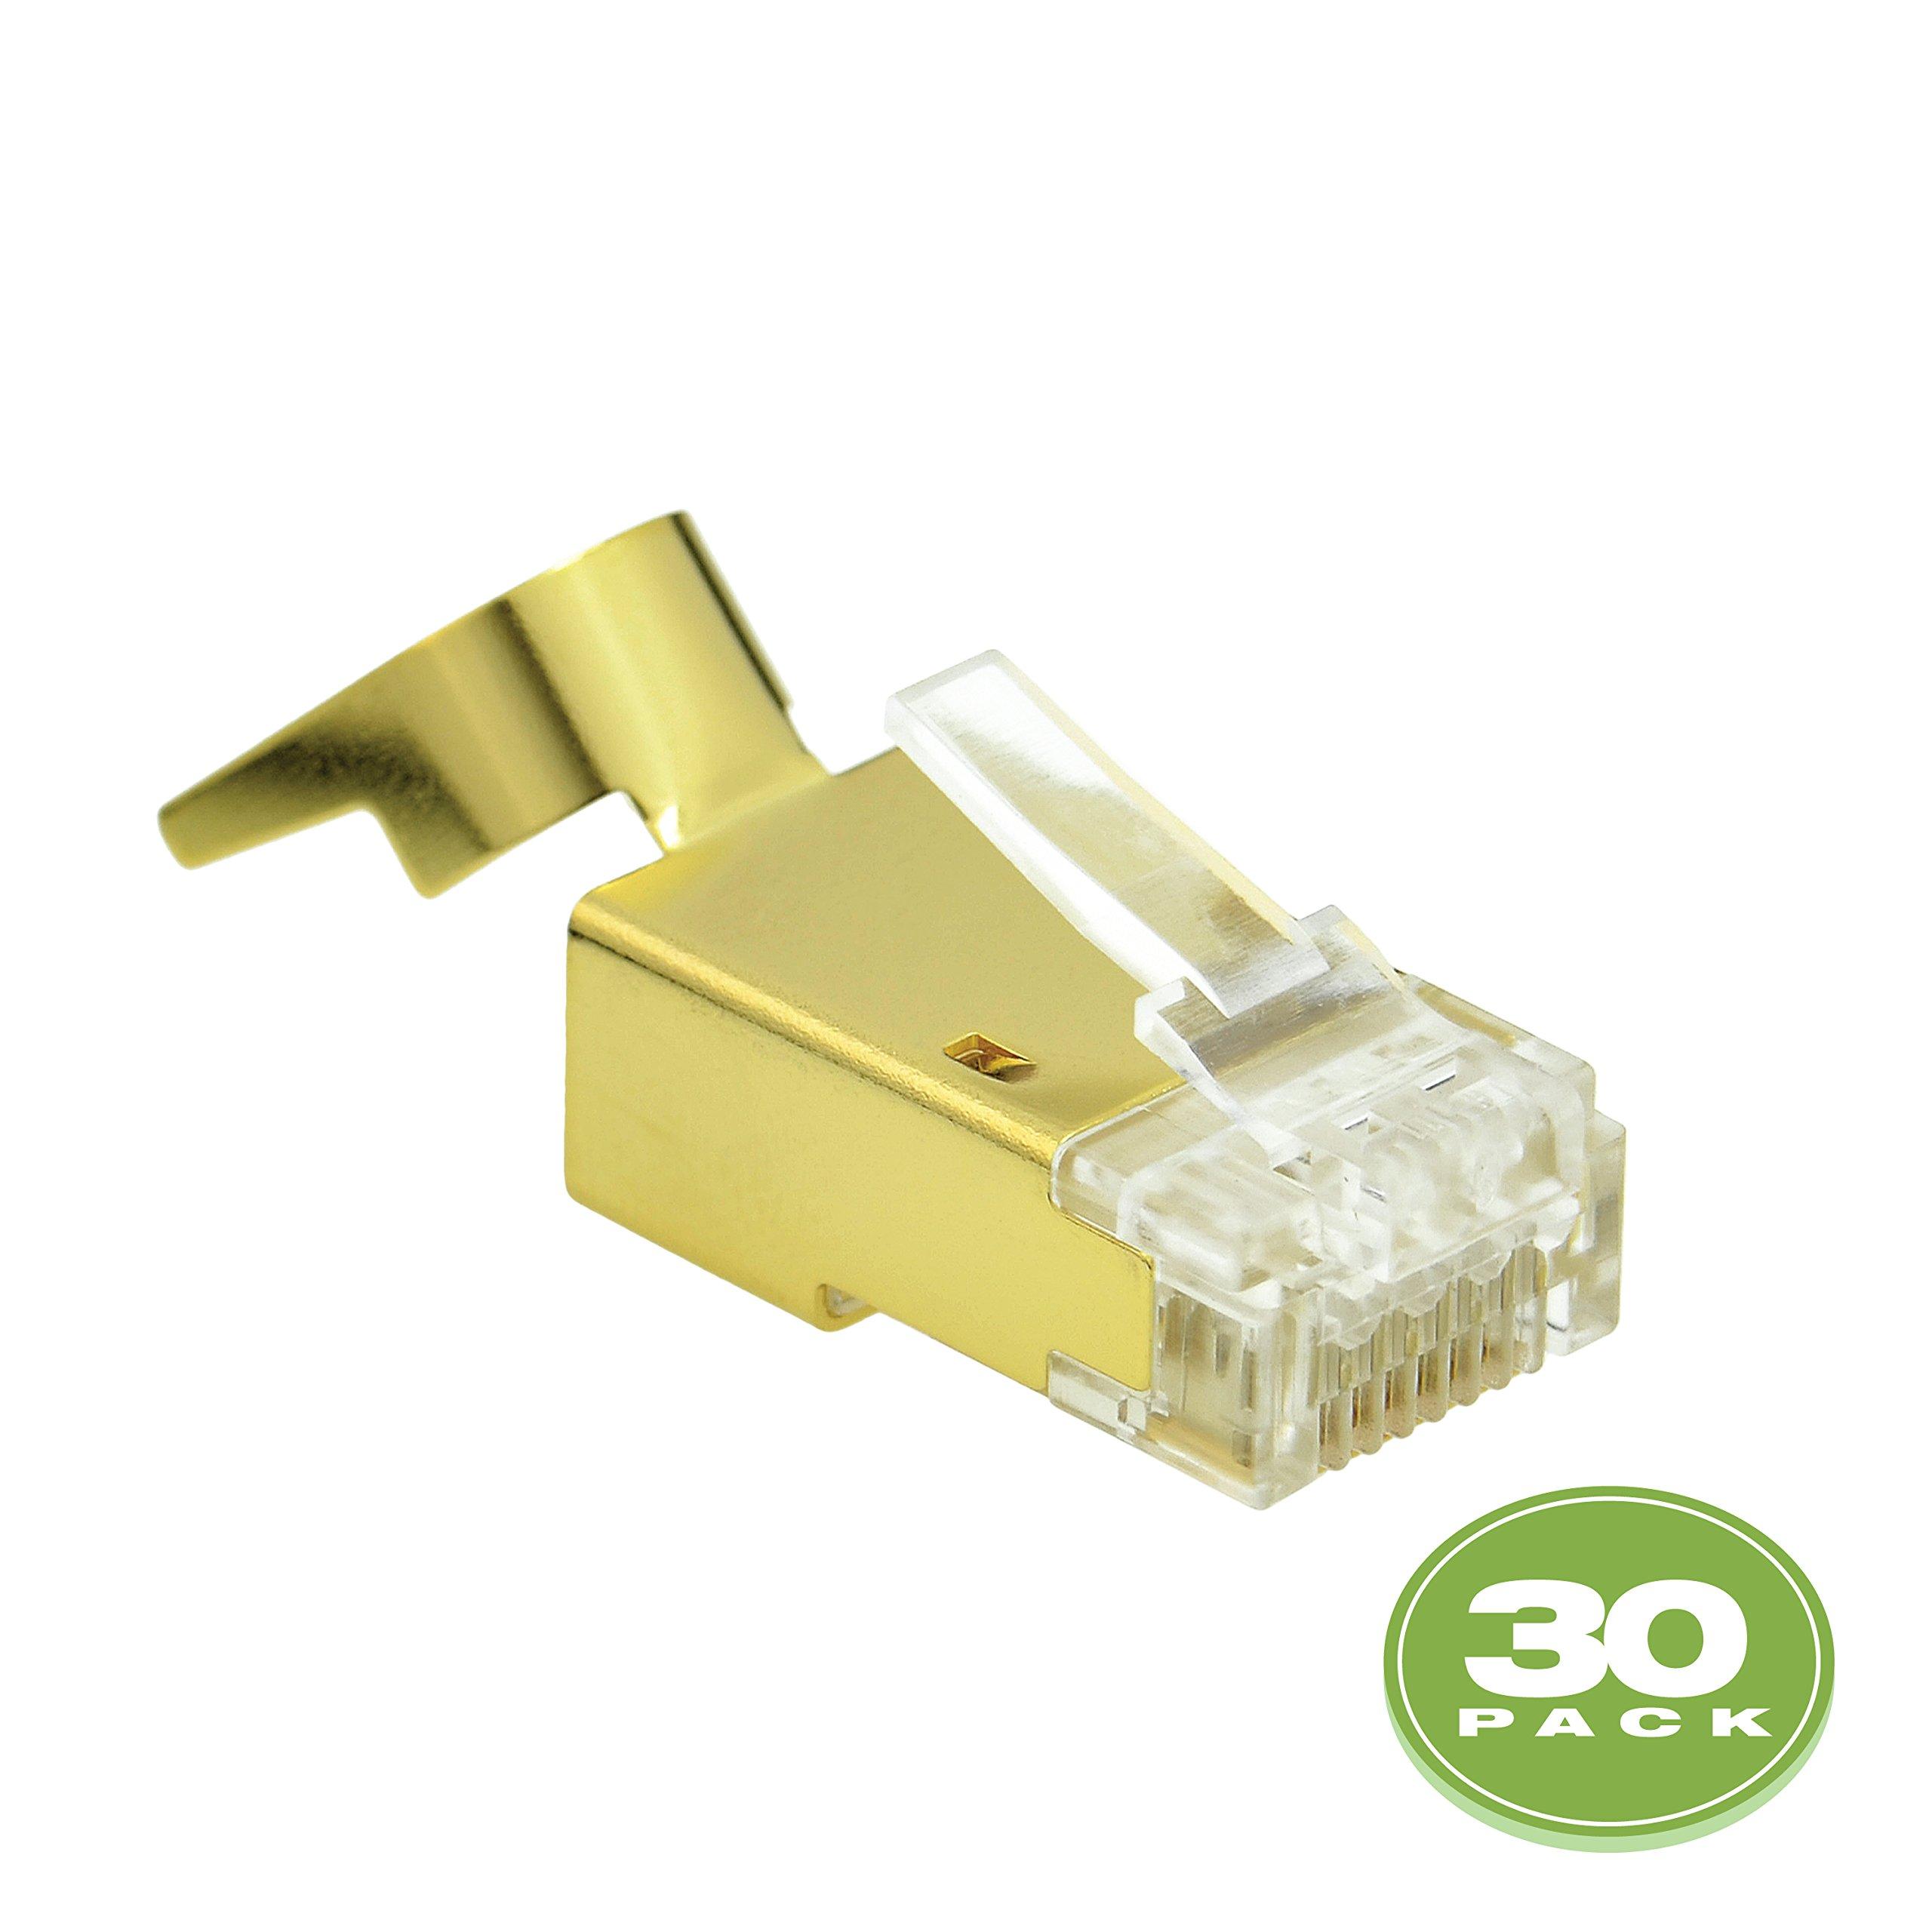 Mediabridge Cat7 Connector (Gold Shielded) - RJ45 Plug for Cat7 Ethernet Cable - 8P8C 50UM - 30 Pack (Part# 51P-C7-30PK) by Mediabridge